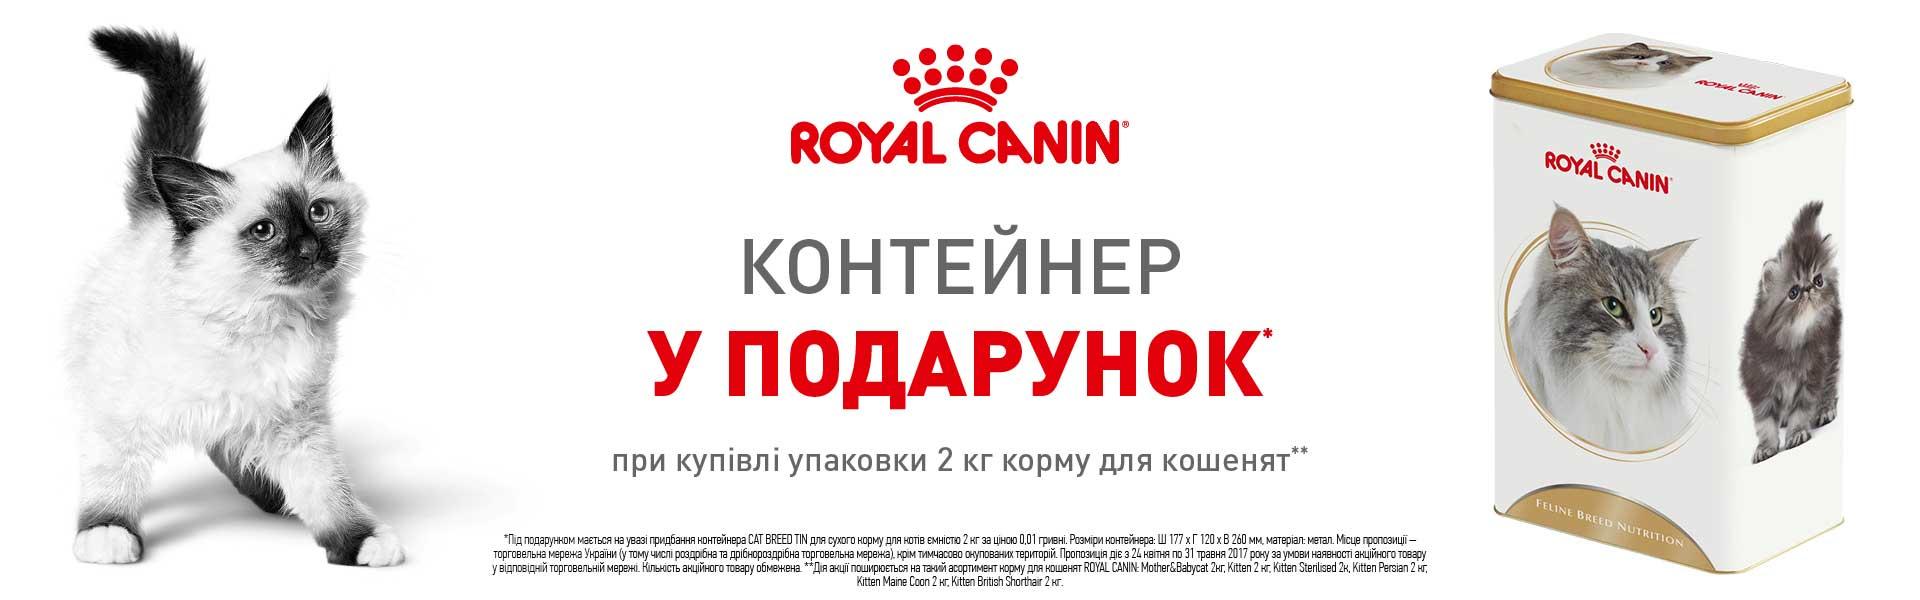 Рояль контейнер для кошек